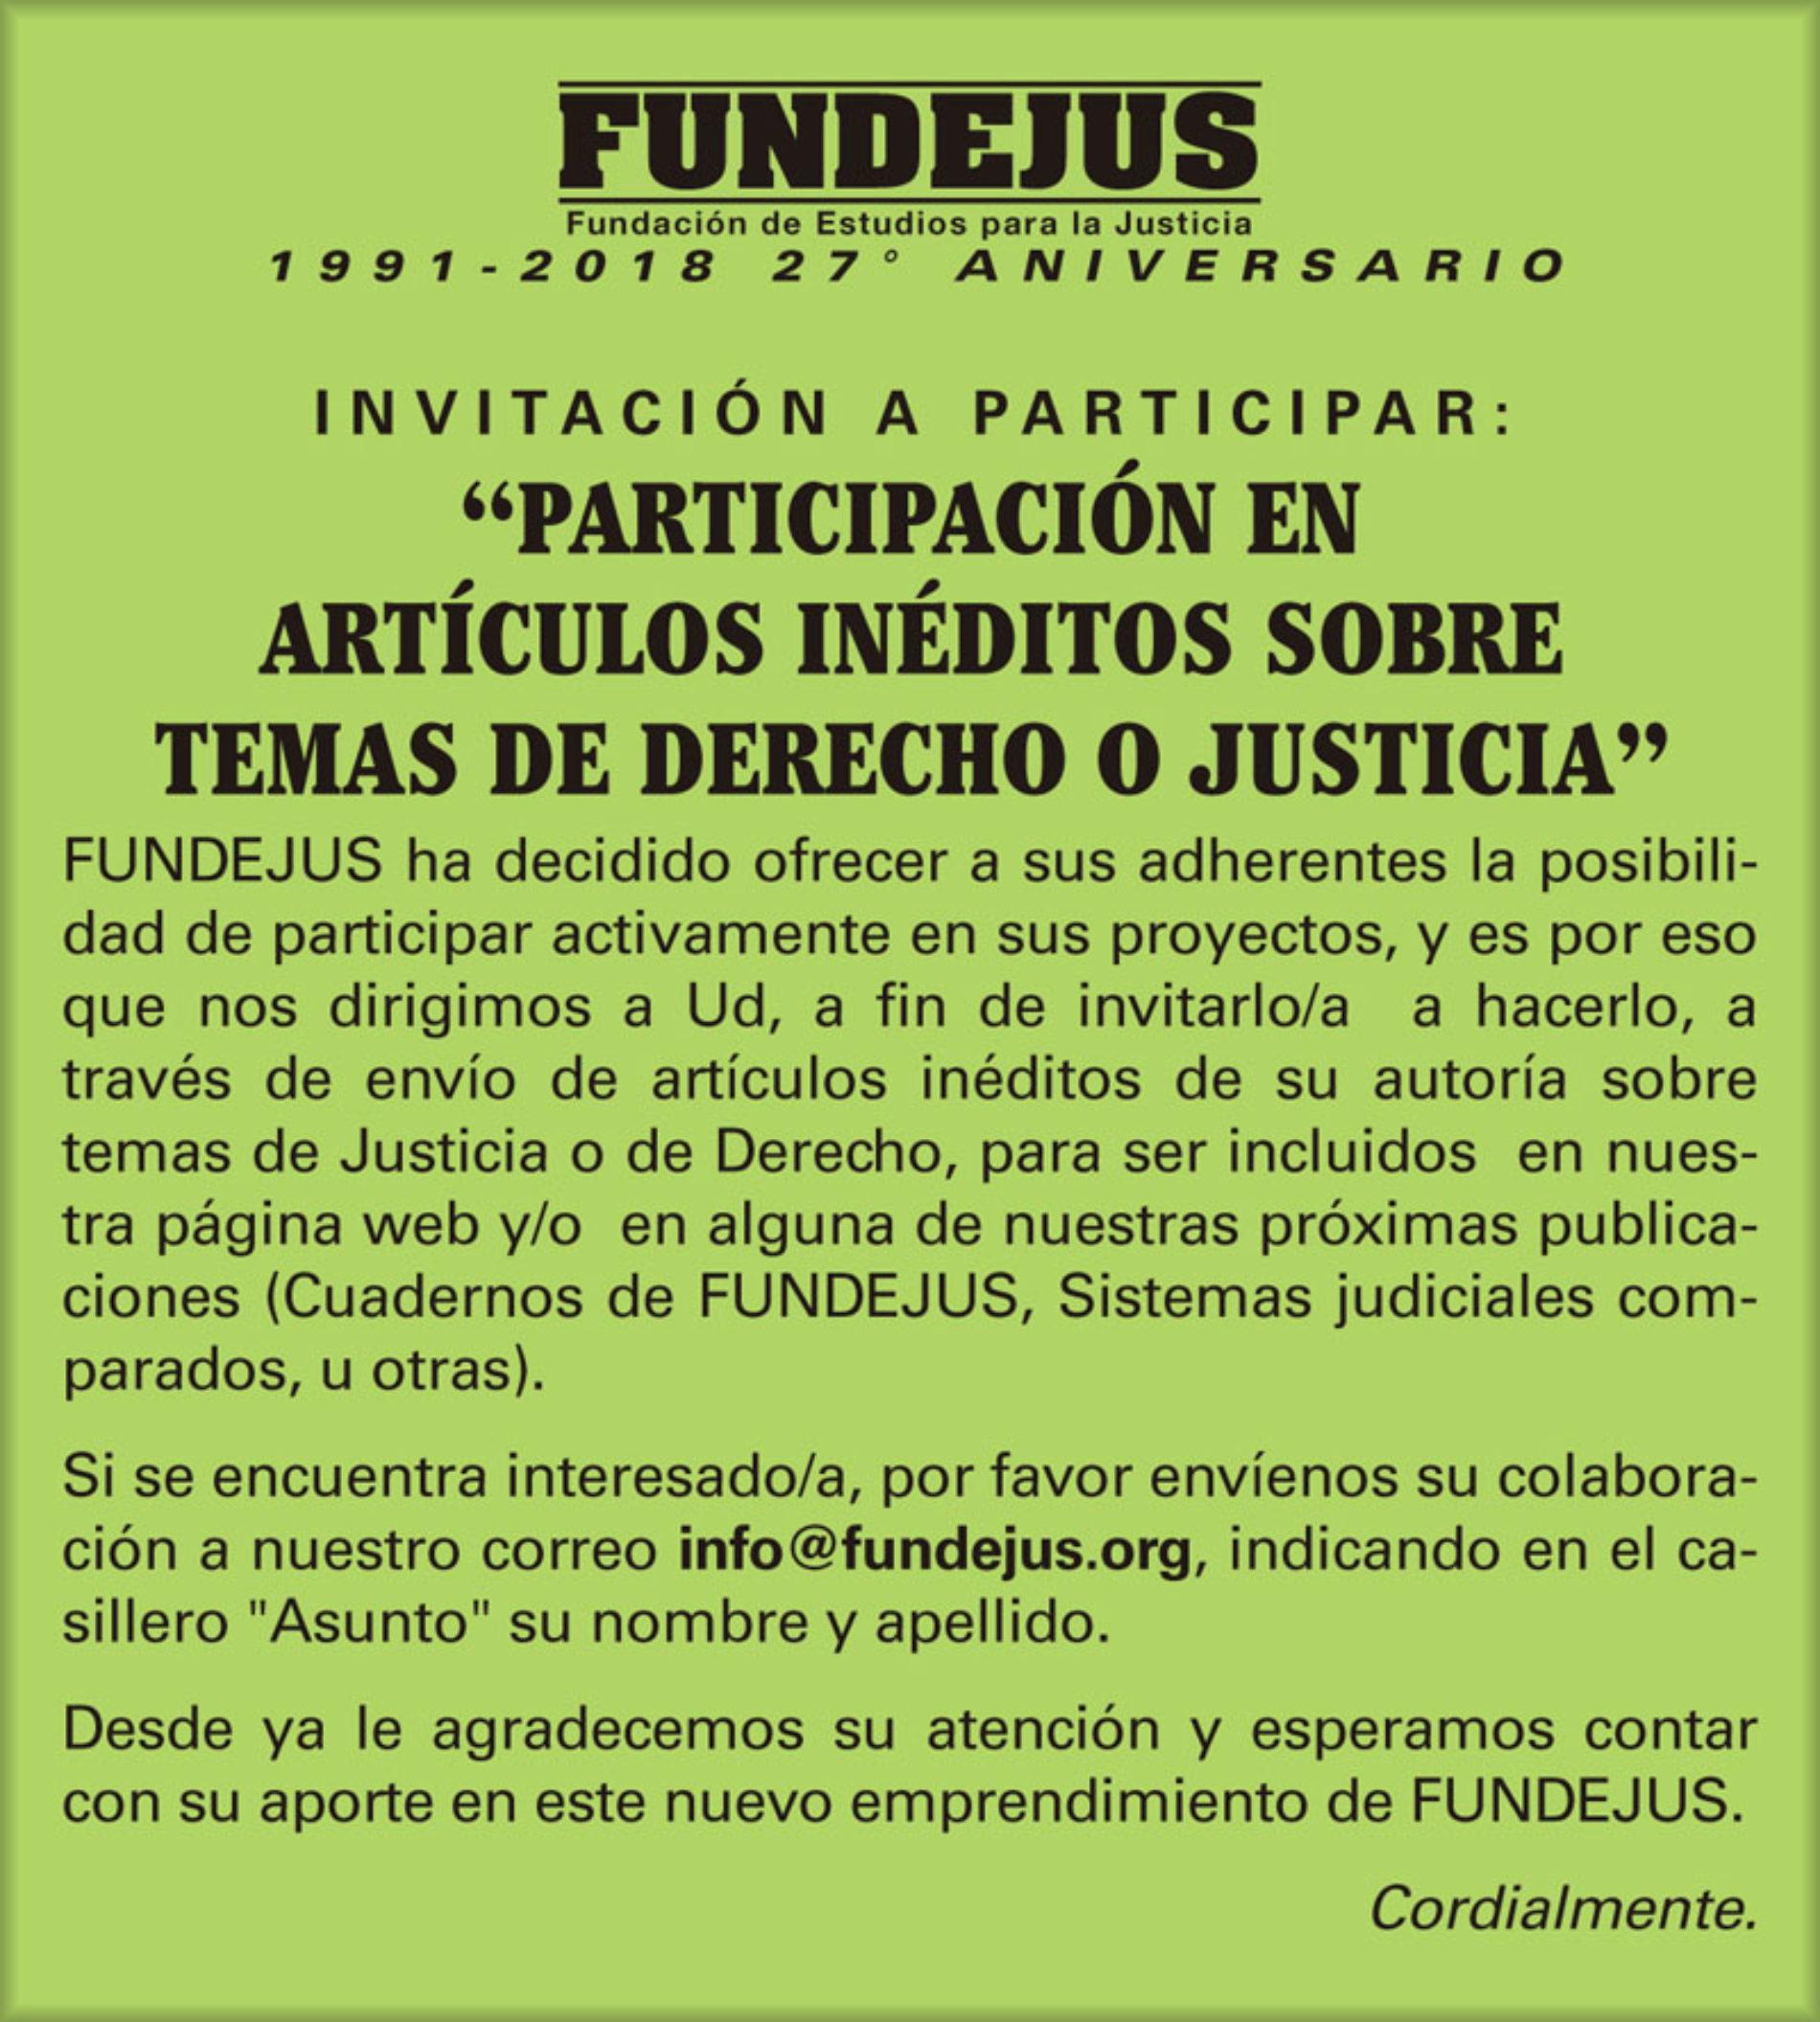 «Participación en artículos inéditos sobre temas de Derecho o Justicia»